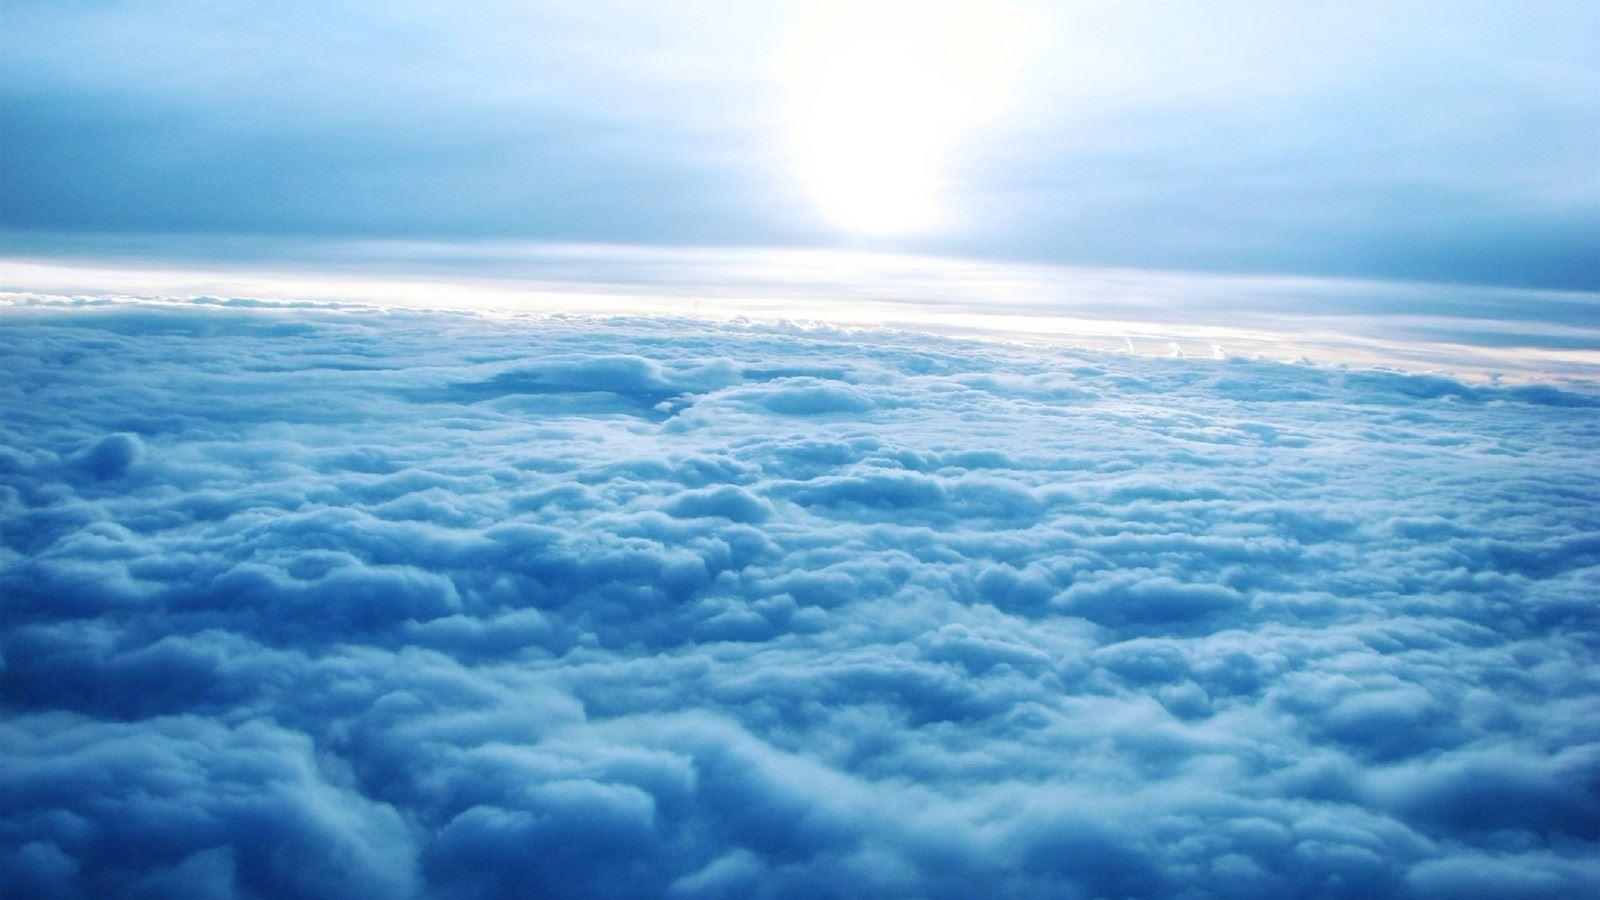 蔚蓝天空白云一望无际心情